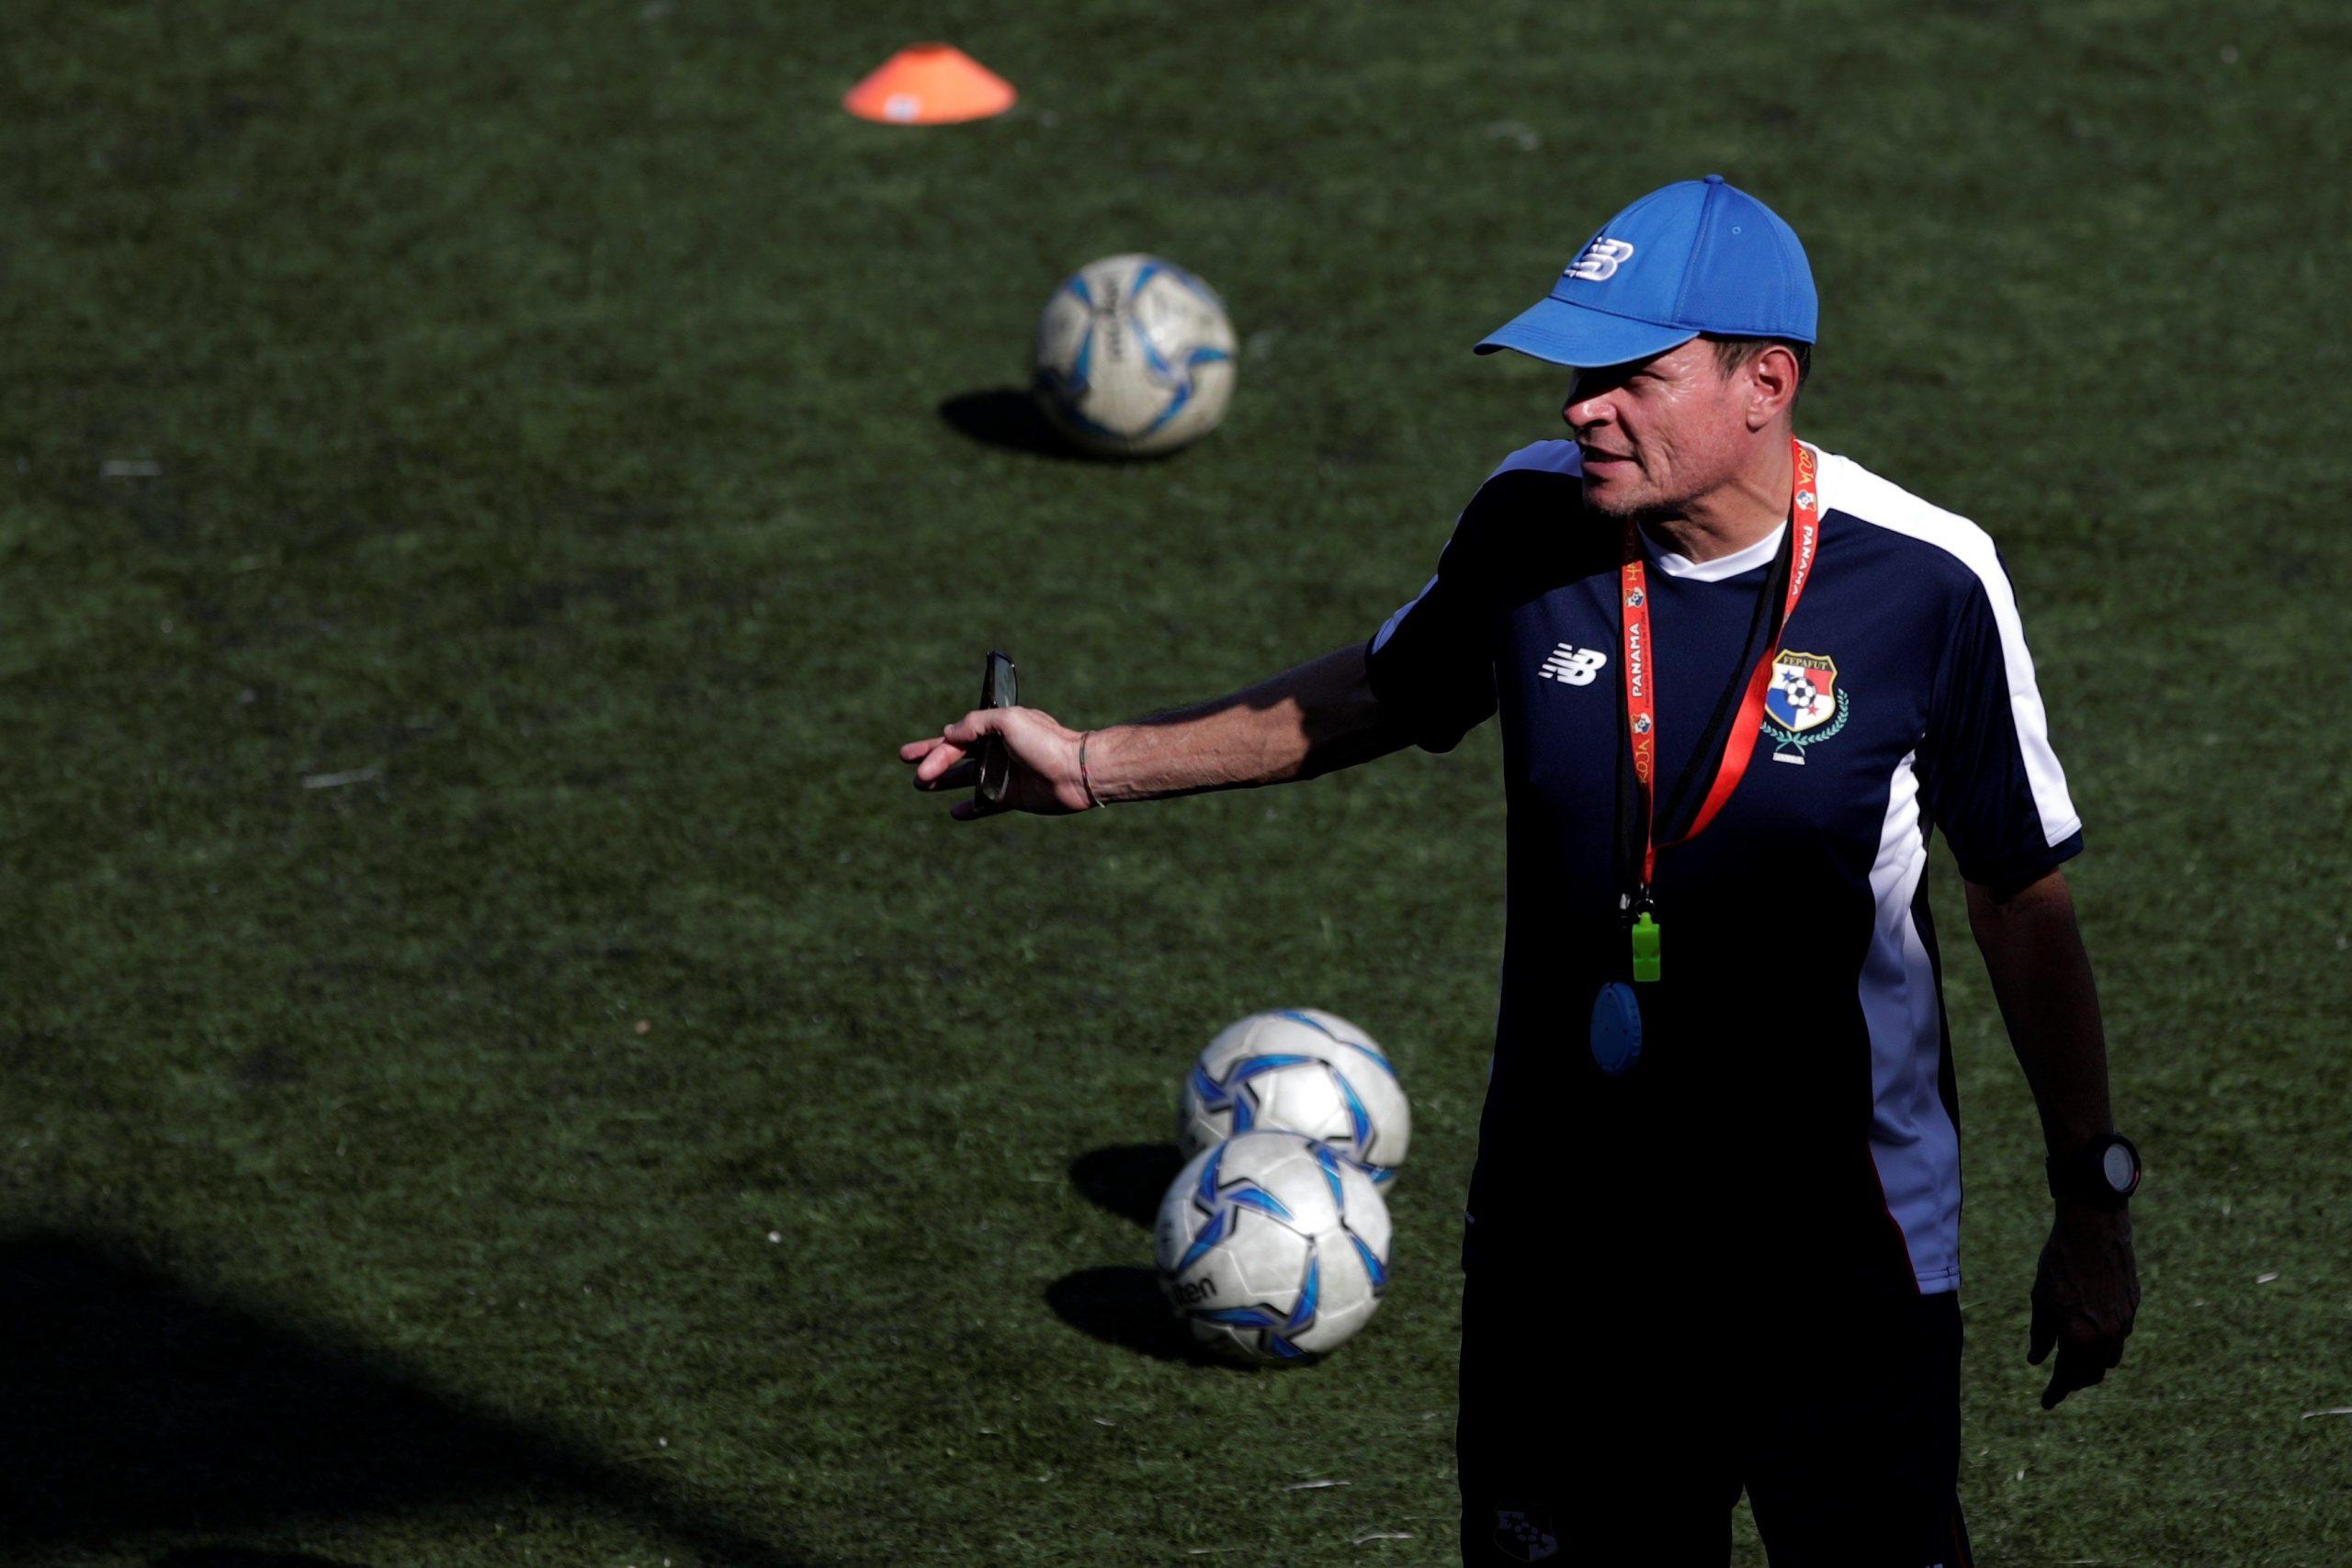 Ordenan la detención de la ex entrenadora de la selección venezolana de fútbol femenino acusada de abuso sexual - Prensa Libre